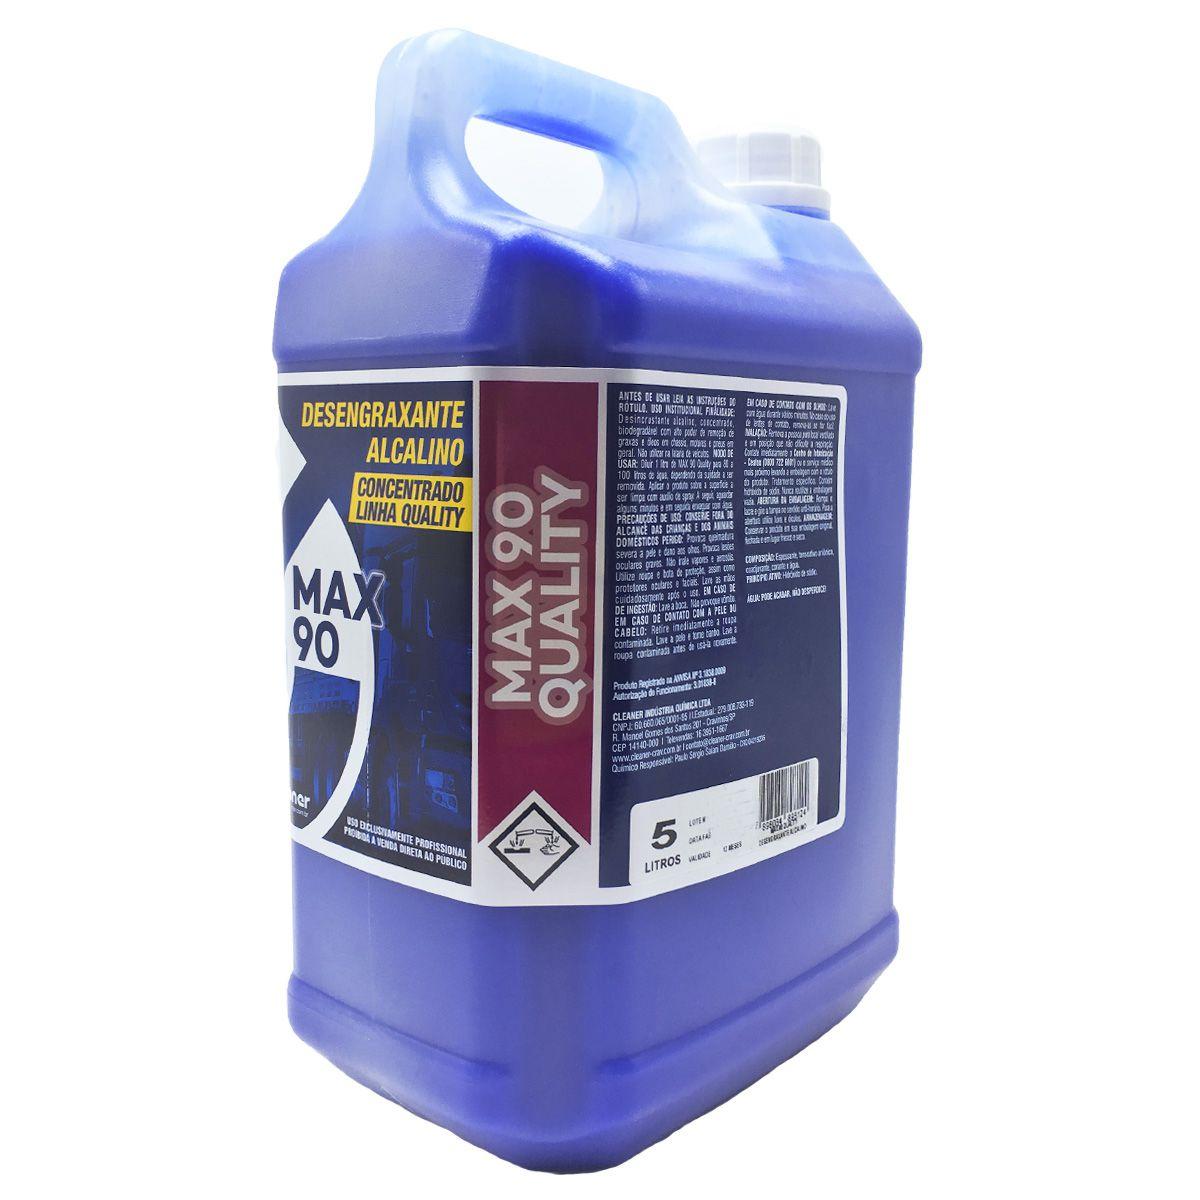 Desincrustante Alcalino Concentrado Max 90 1-100 (Cleaner) 5 Litros